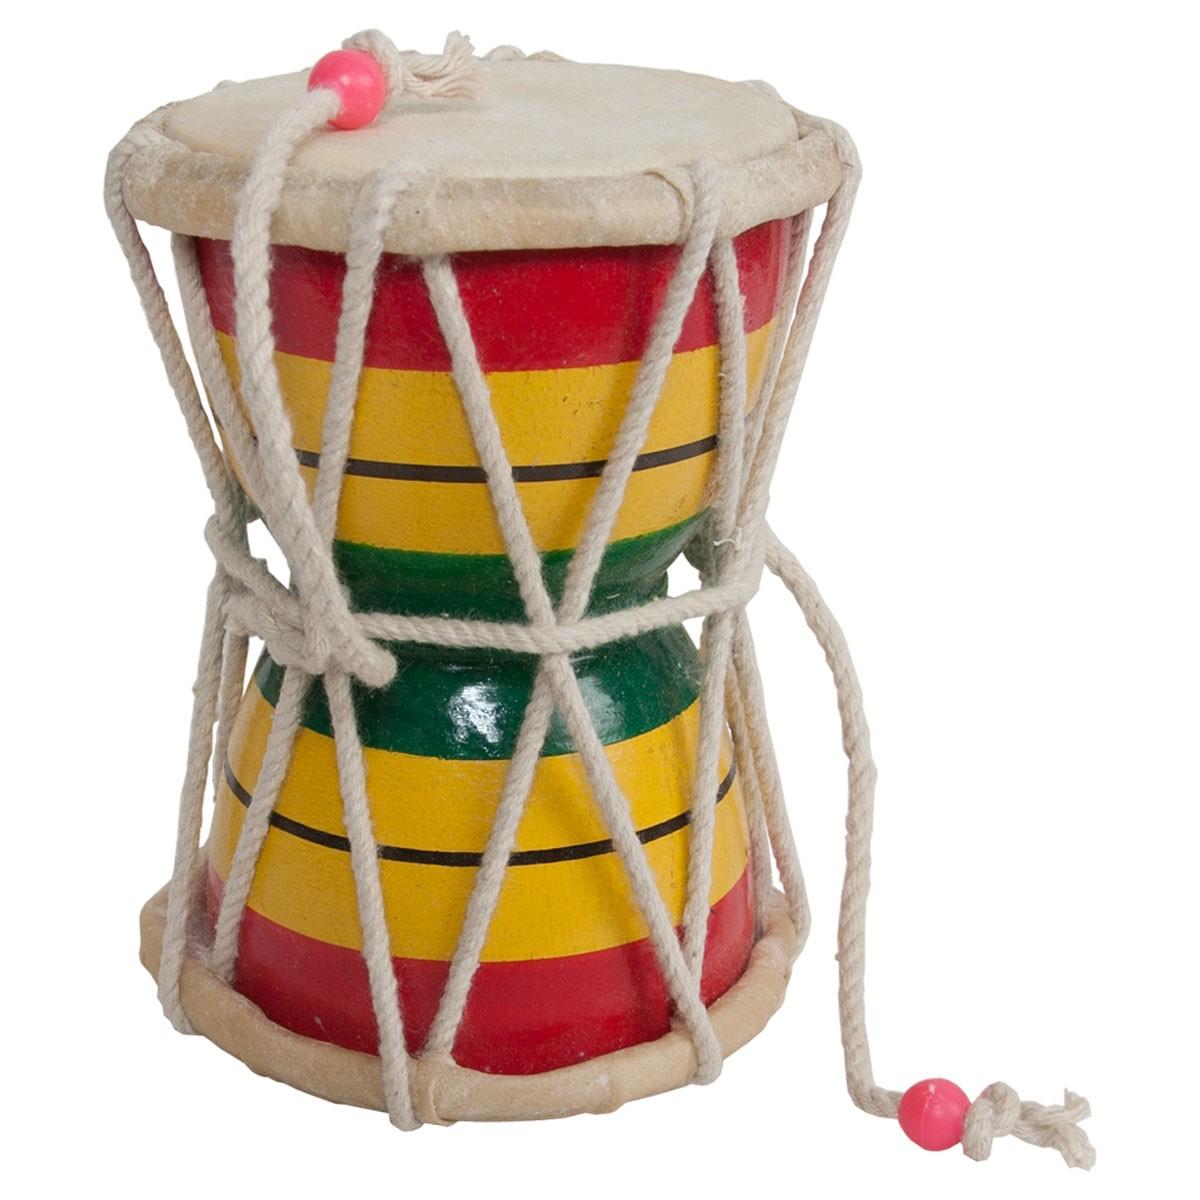 DOBANI Damroo Drum 4'x6'